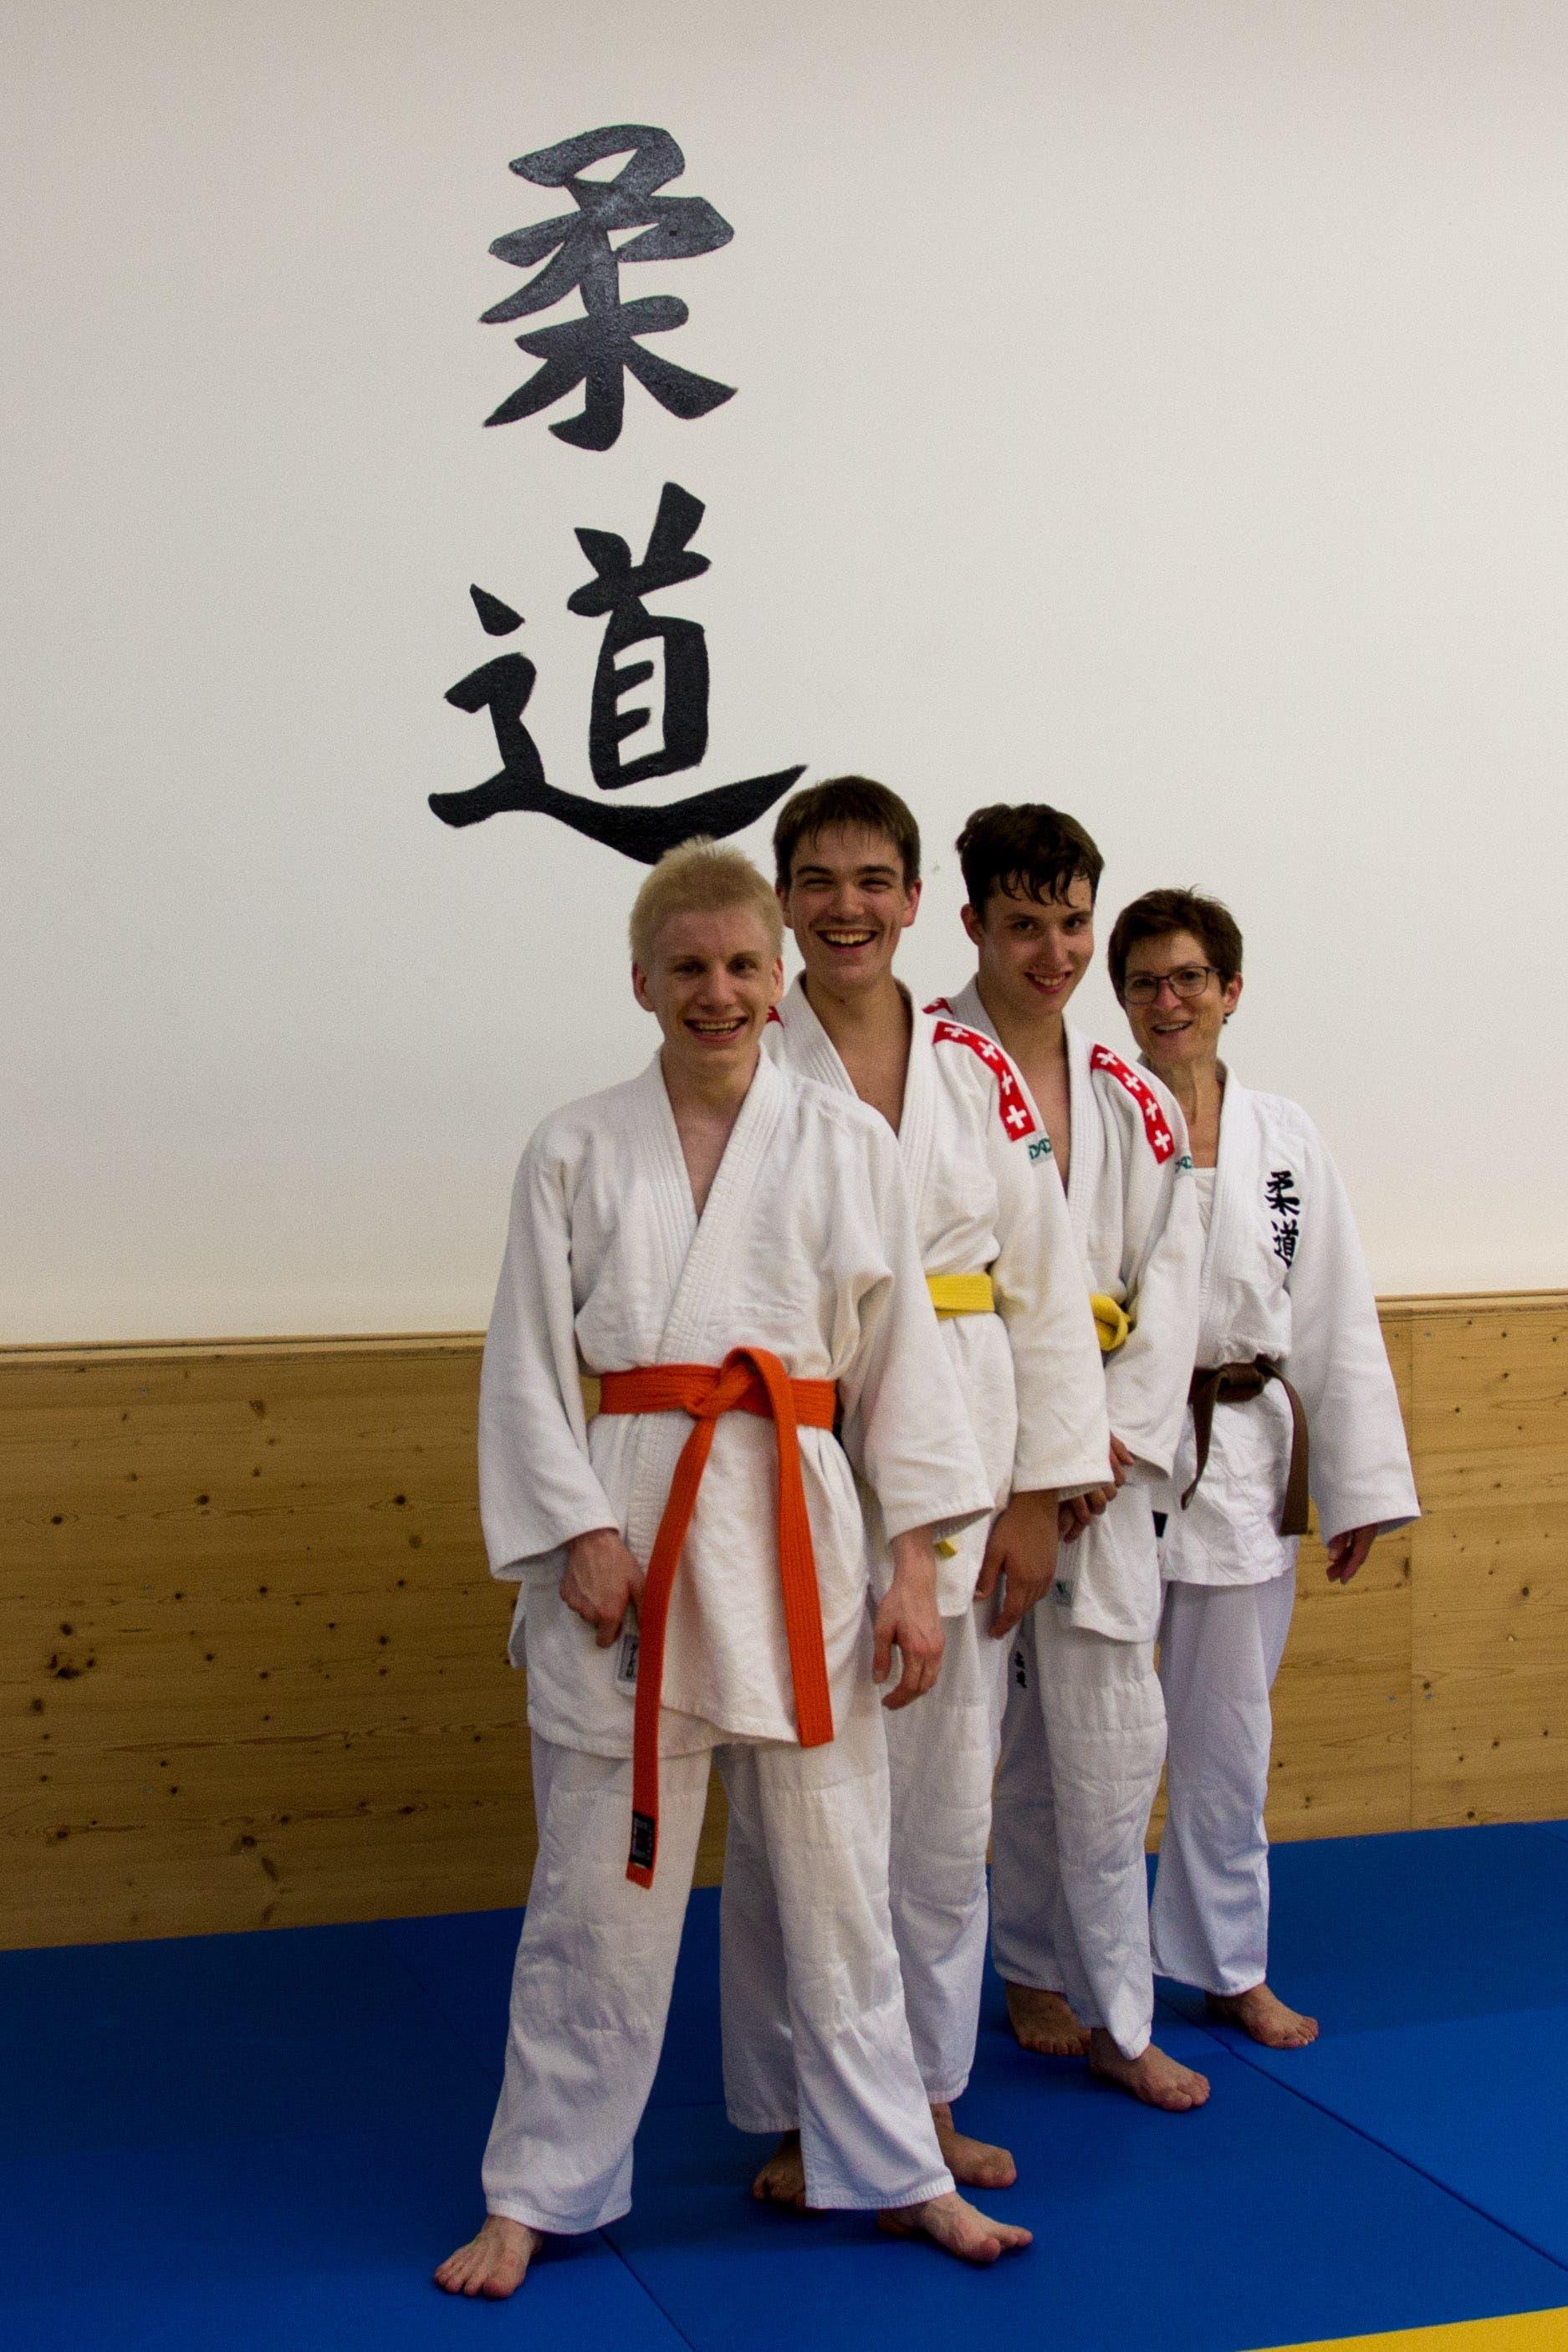 Judo mit Handicap (v. l.): Raphael Boppart, Markus Schaarschmidt, Marc Bleiker und ihre Trainerin Barbara Bortoluzzi.